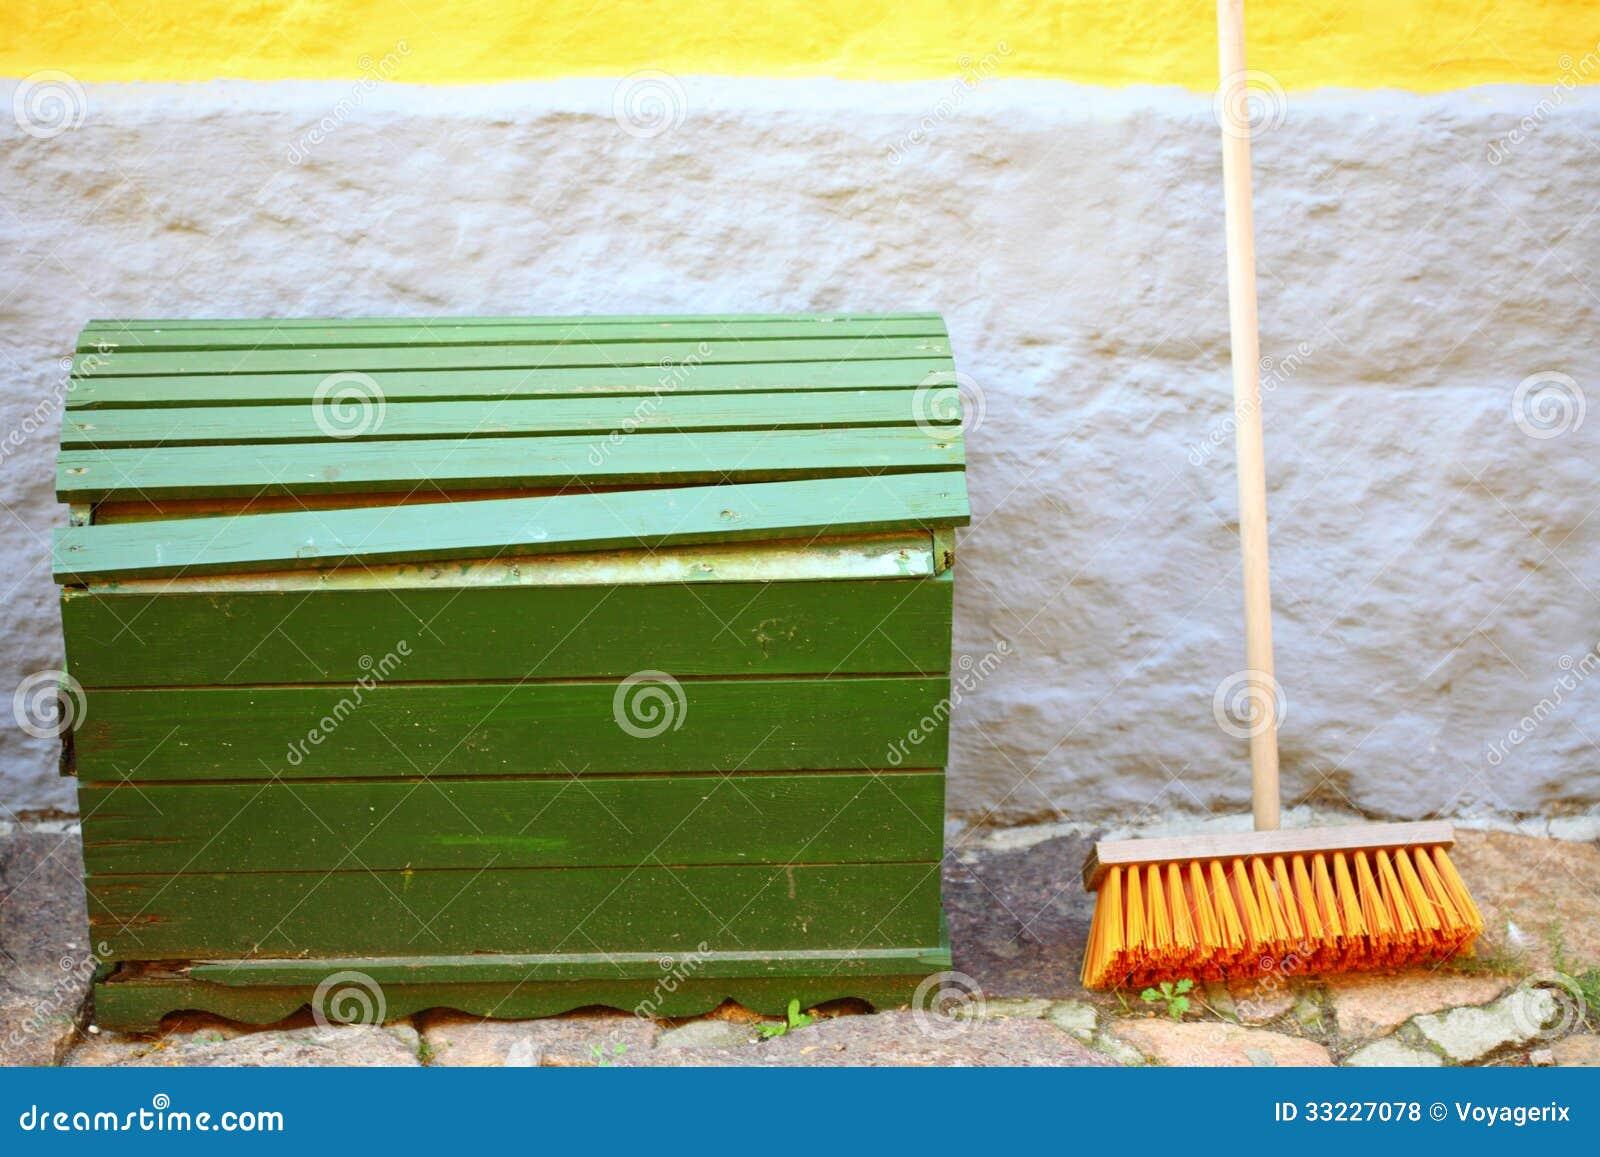 Fotos de Stock Royalty Free: Vassoura na parede e na caixa de madeira  #C4A707 1300x957